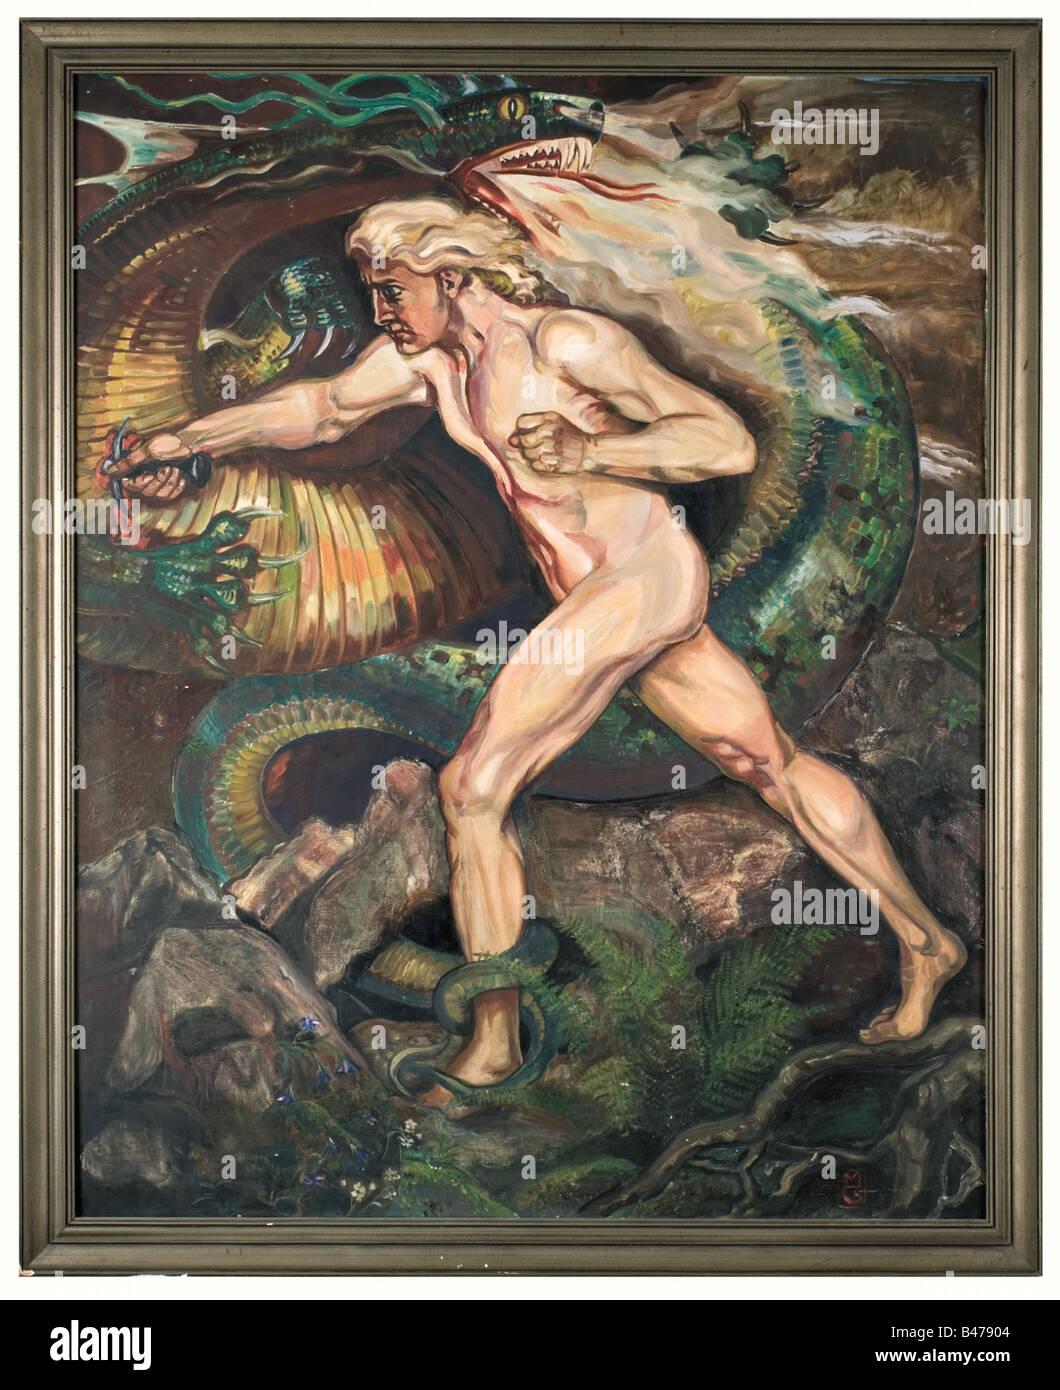 Mathias Guckenhan - Siegfried slaying der Drache. Monumentalmalerei. Öl auf Leinwand, auf der rechten Seite unten Stockfoto